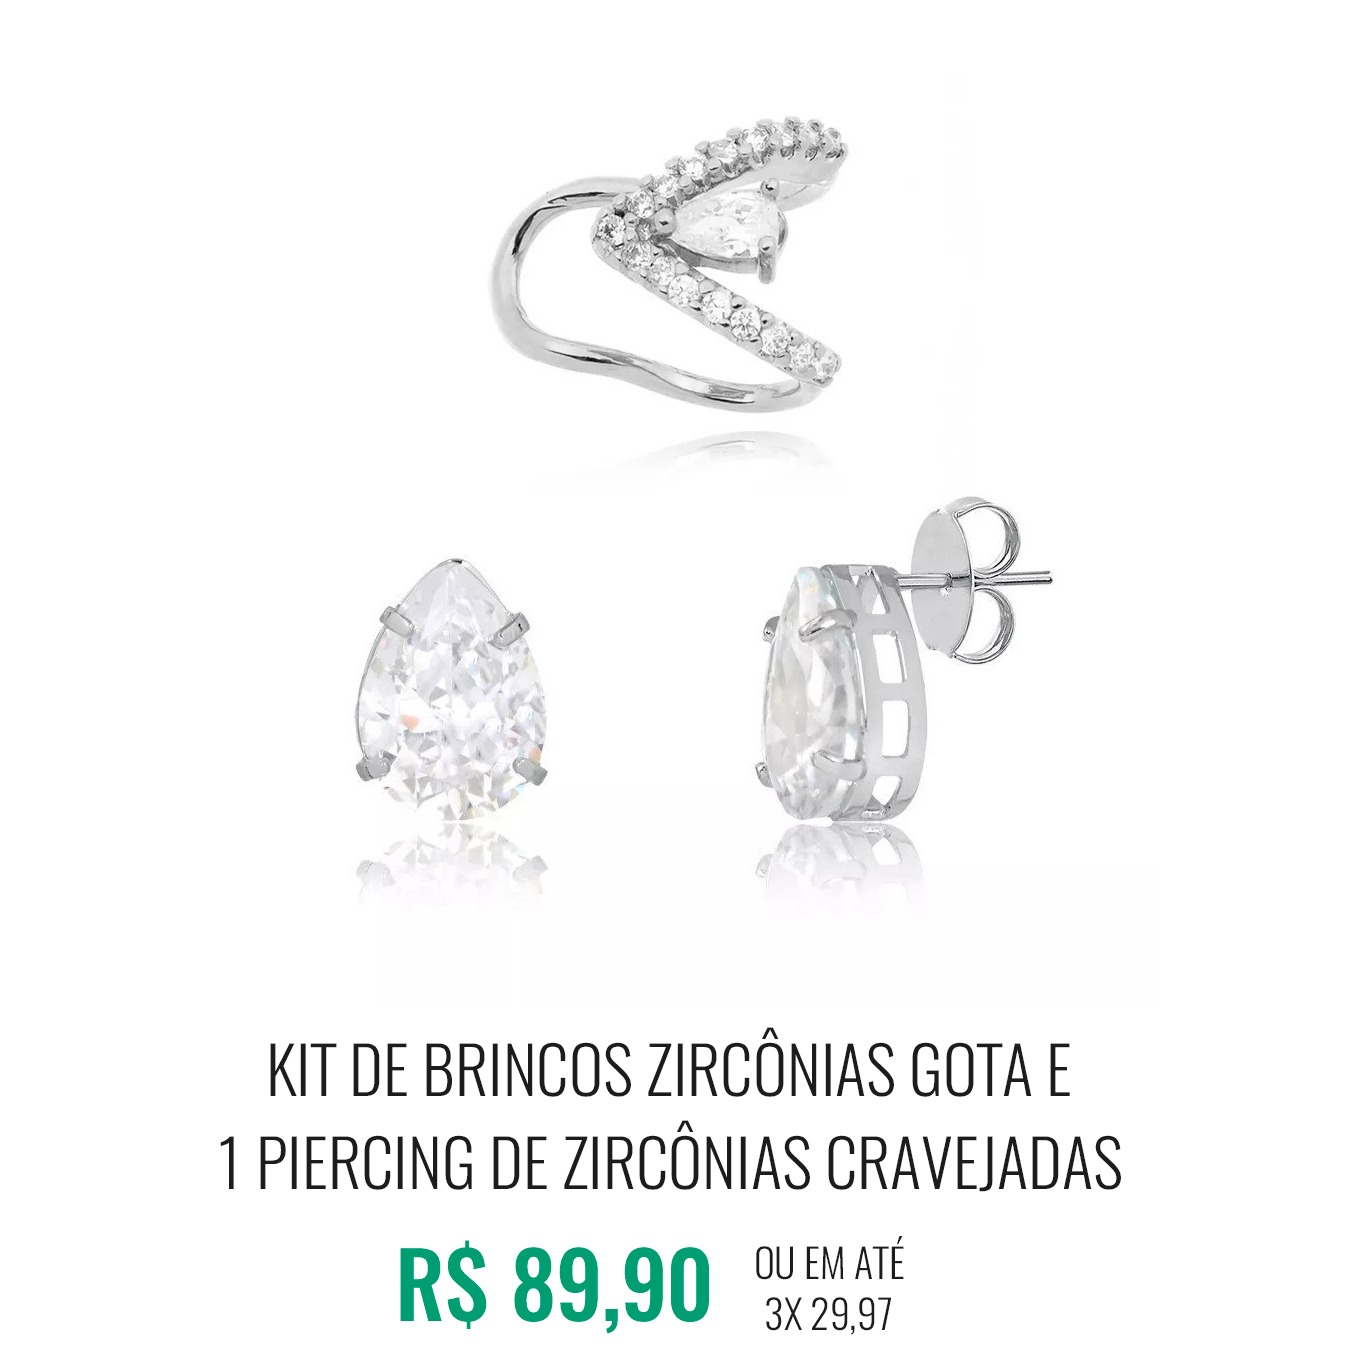 Kit de Brincos zircônias gota e 1 piercing de zircônias cravejadas